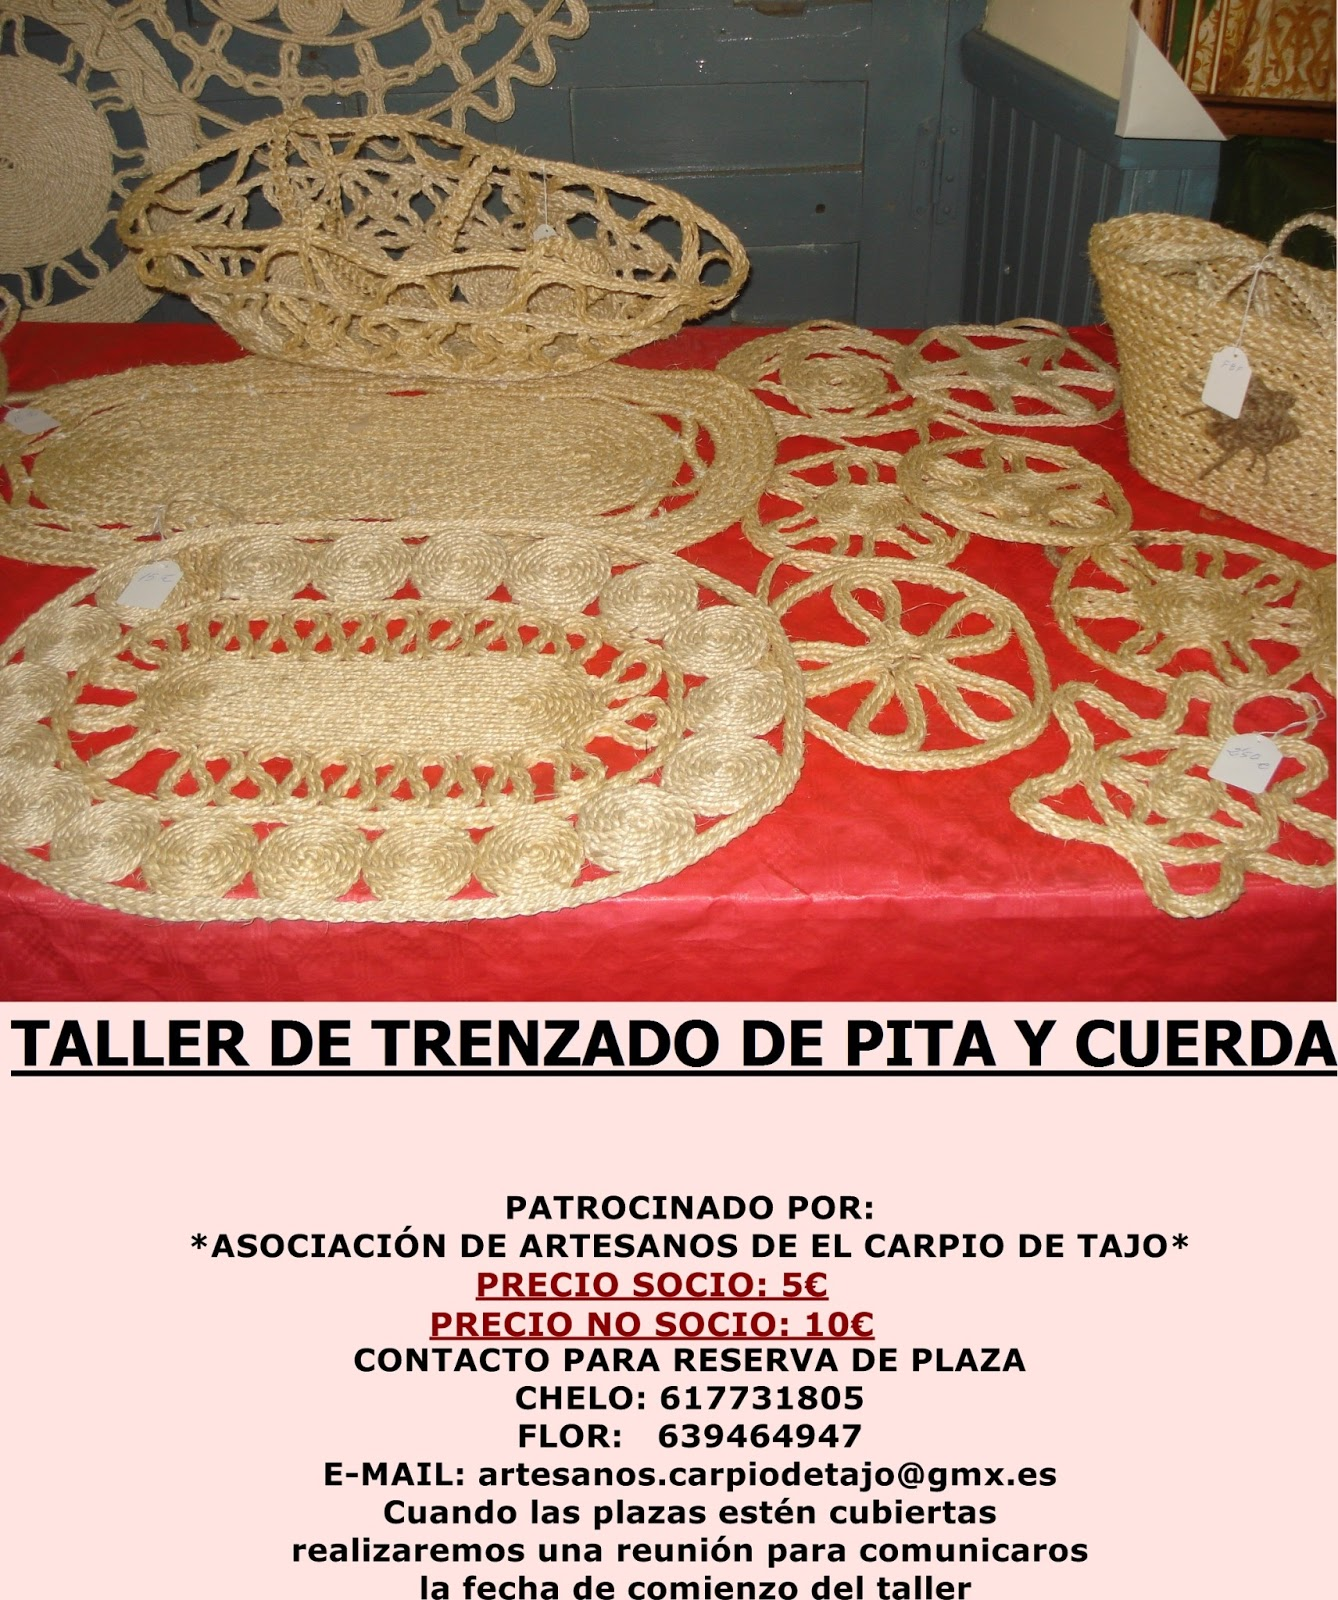 Artesanos de el carpio de tajo taller de pita y cuerda for Cuerda de pita